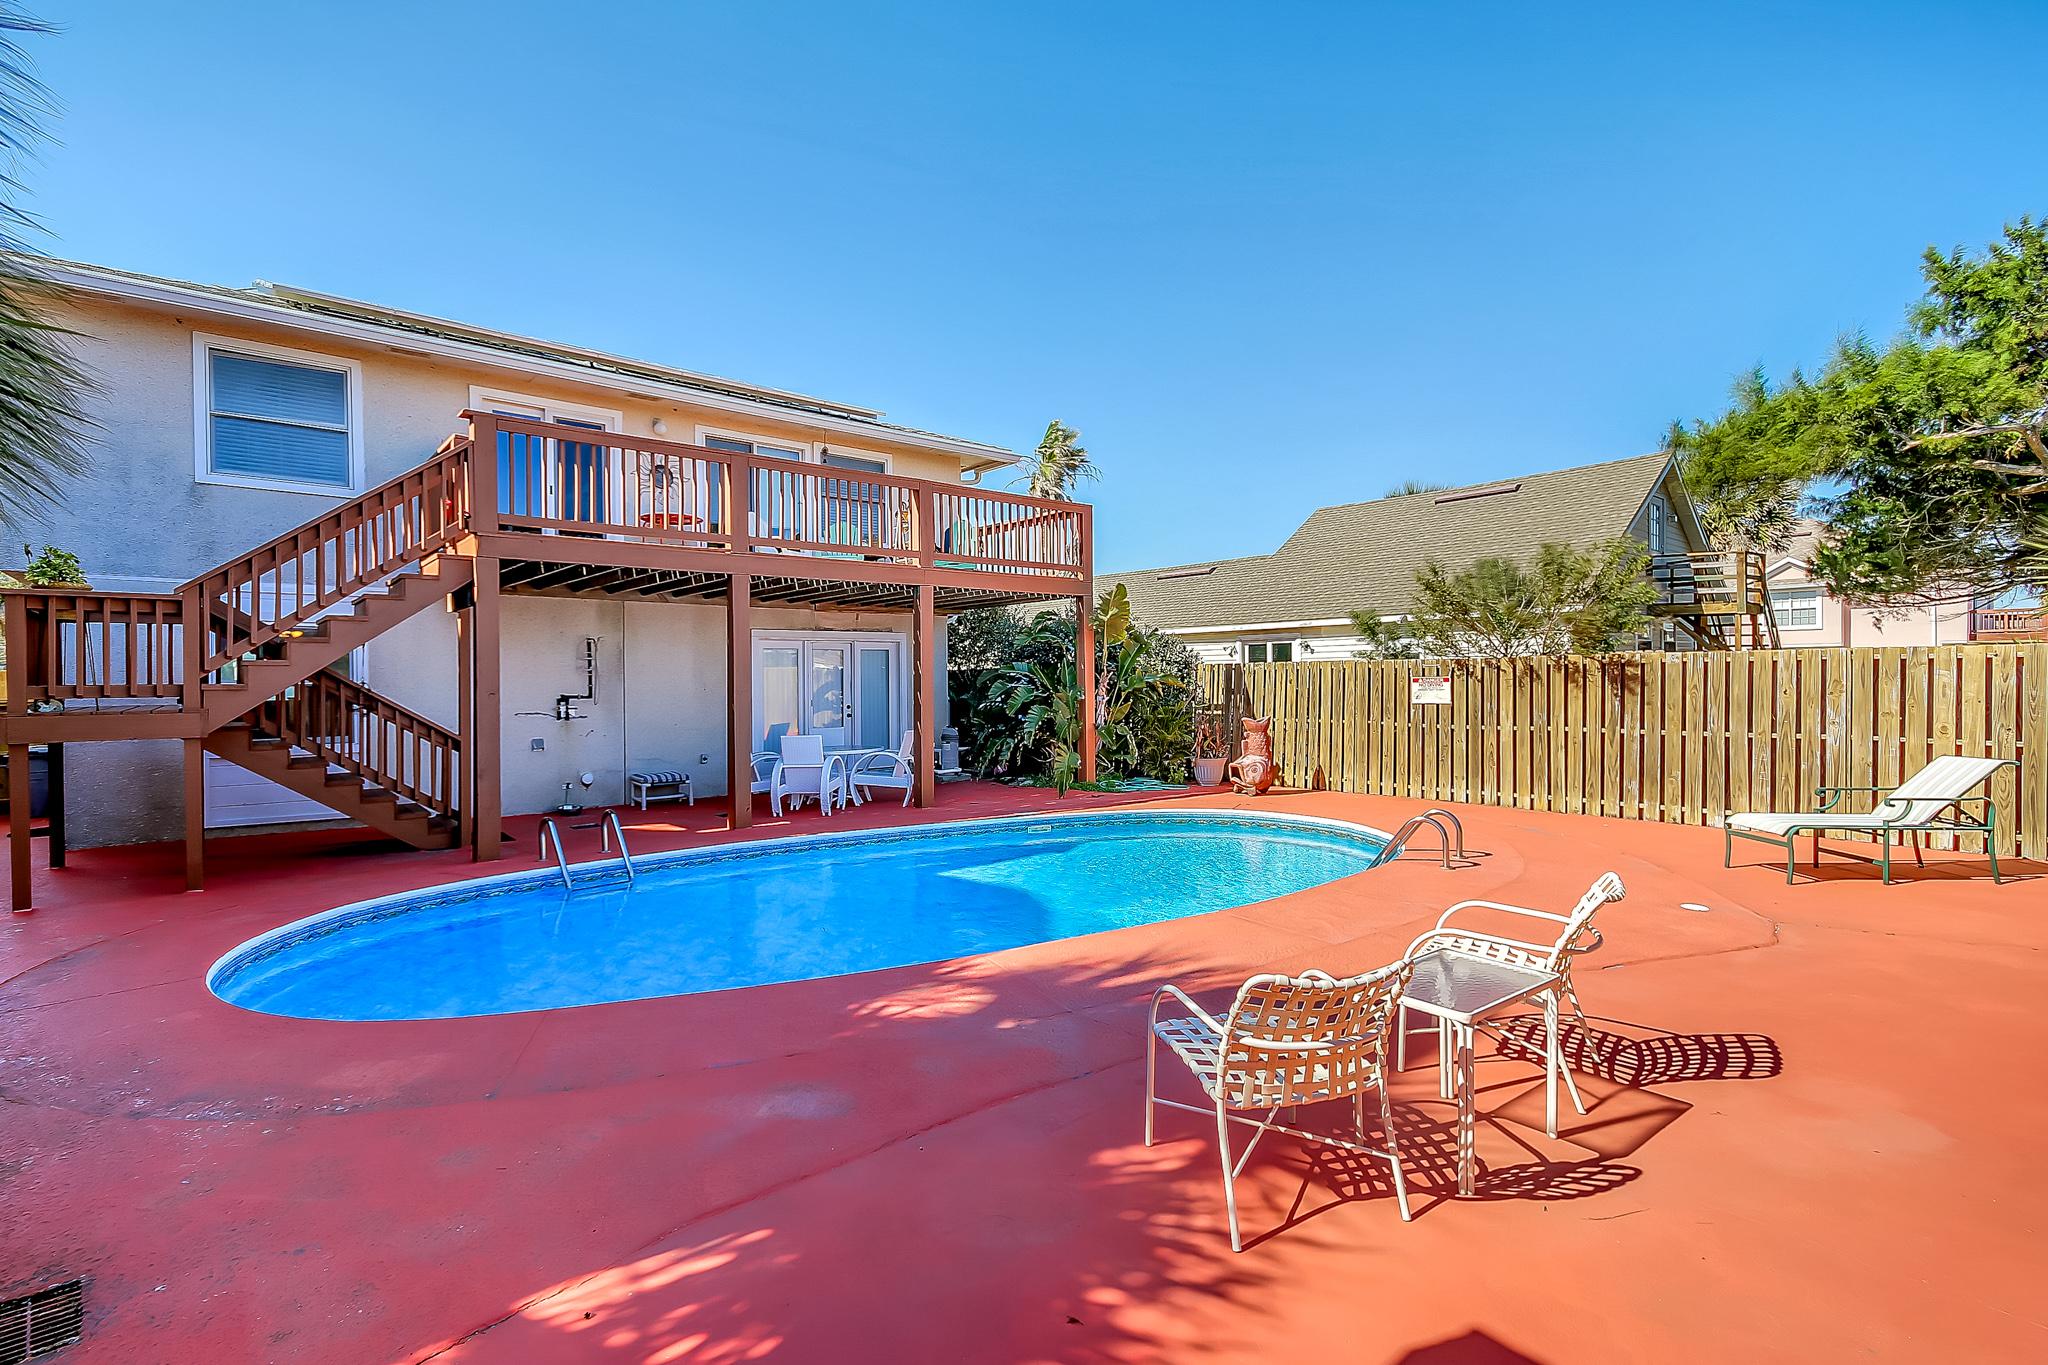 Doppelhaus für Verkauf beim 536 Tarpon 536 Tarpon avenue Fernandina Beach, Florida, 32034 Vereinigte Staaten